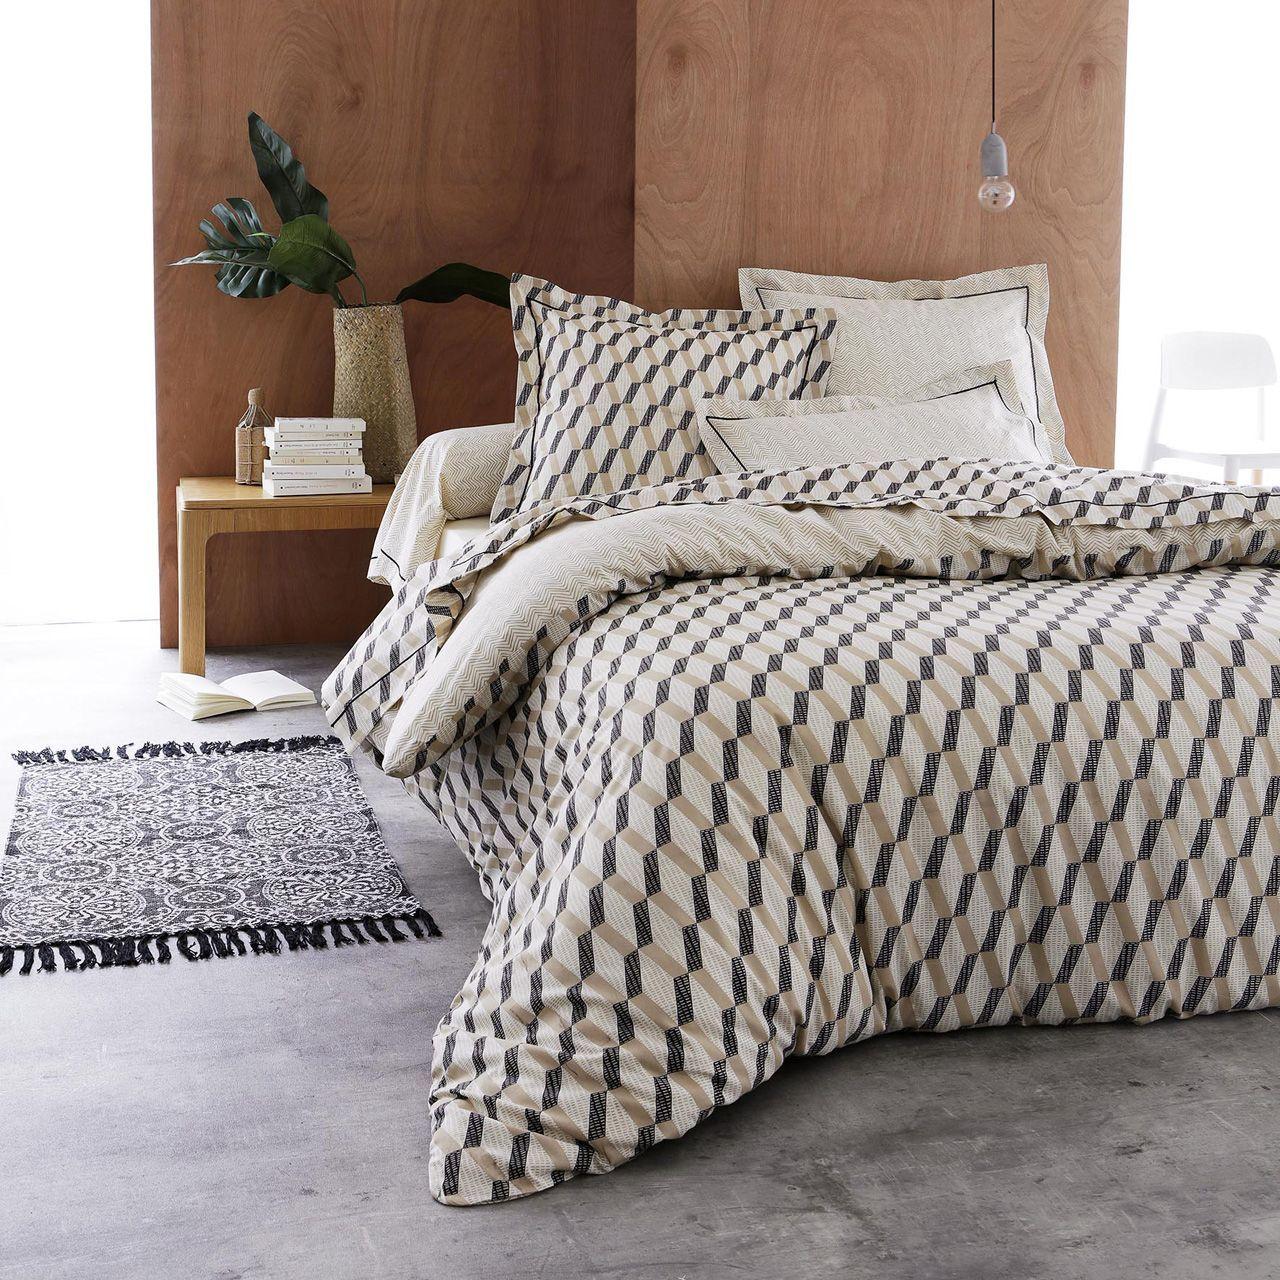 parure de lit eko coton imprim losange dp 240x310 dh 140x190 2to. Black Bedroom Furniture Sets. Home Design Ideas